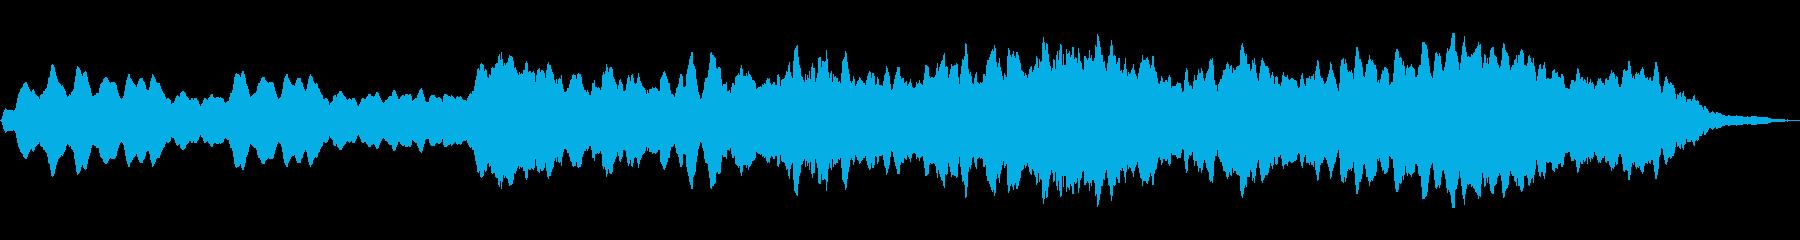 ディープトーン:着信音の高いロード...の再生済みの波形